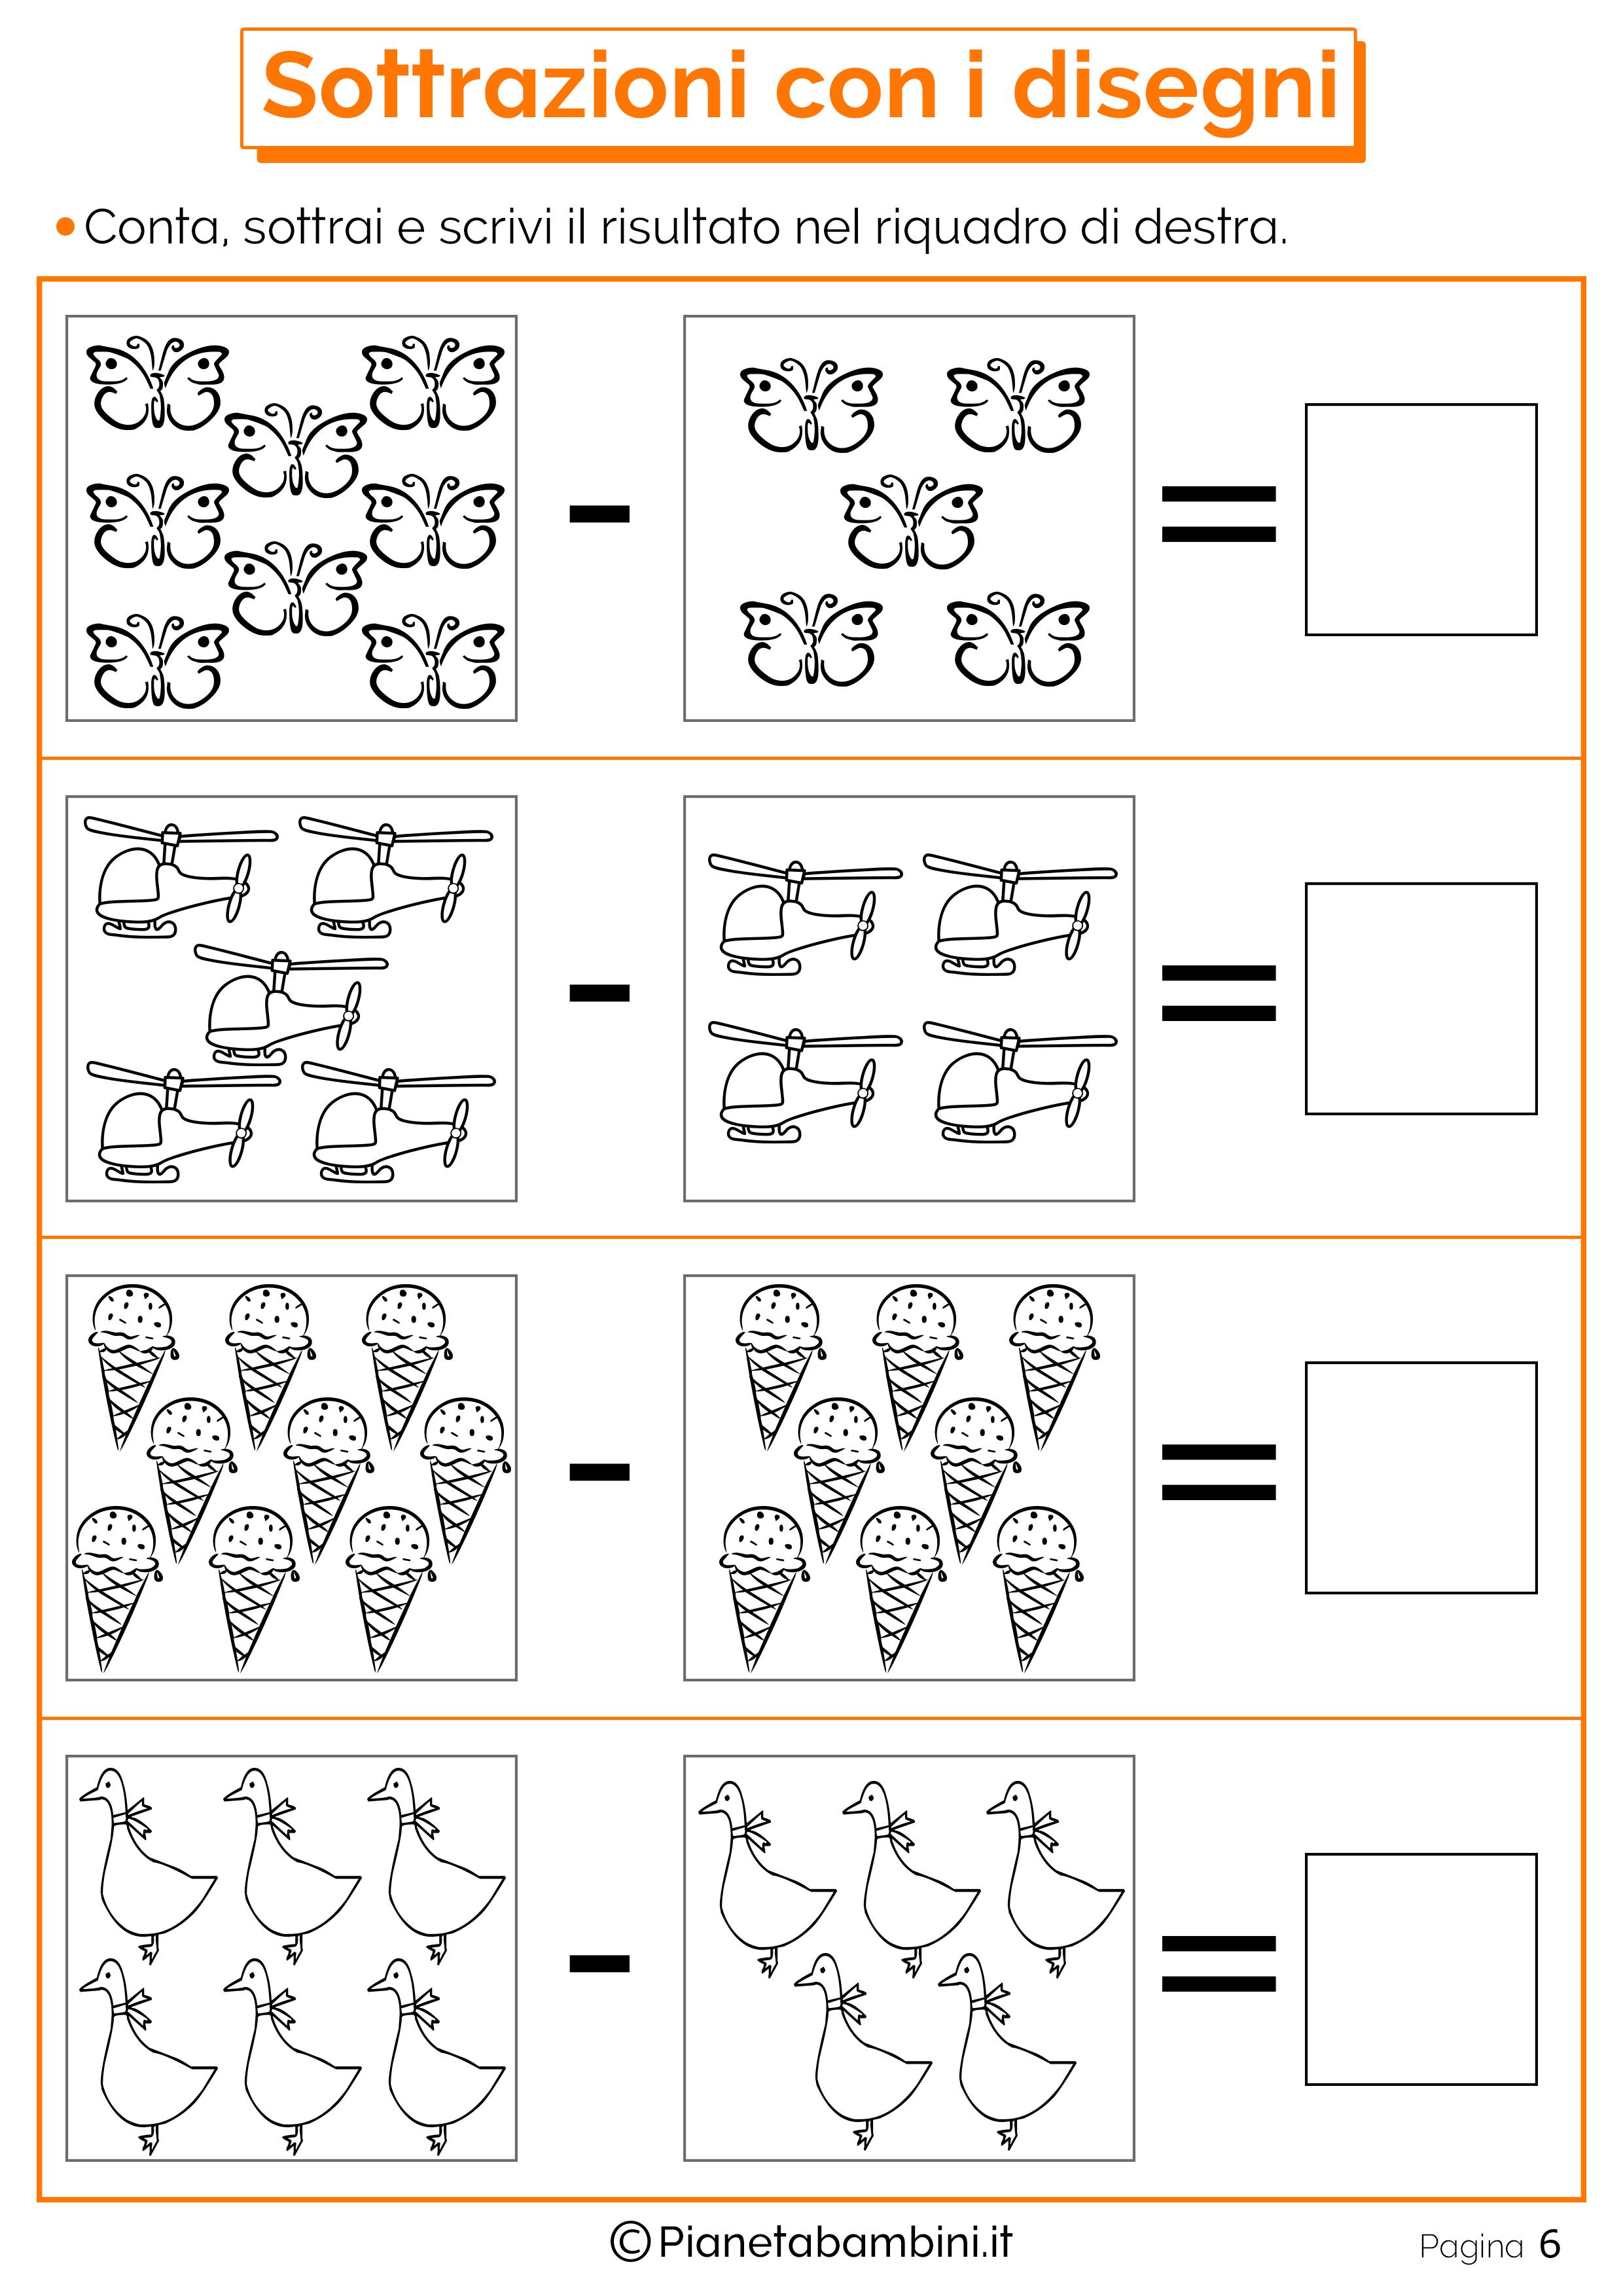 Sottrazioni-Disegni_6